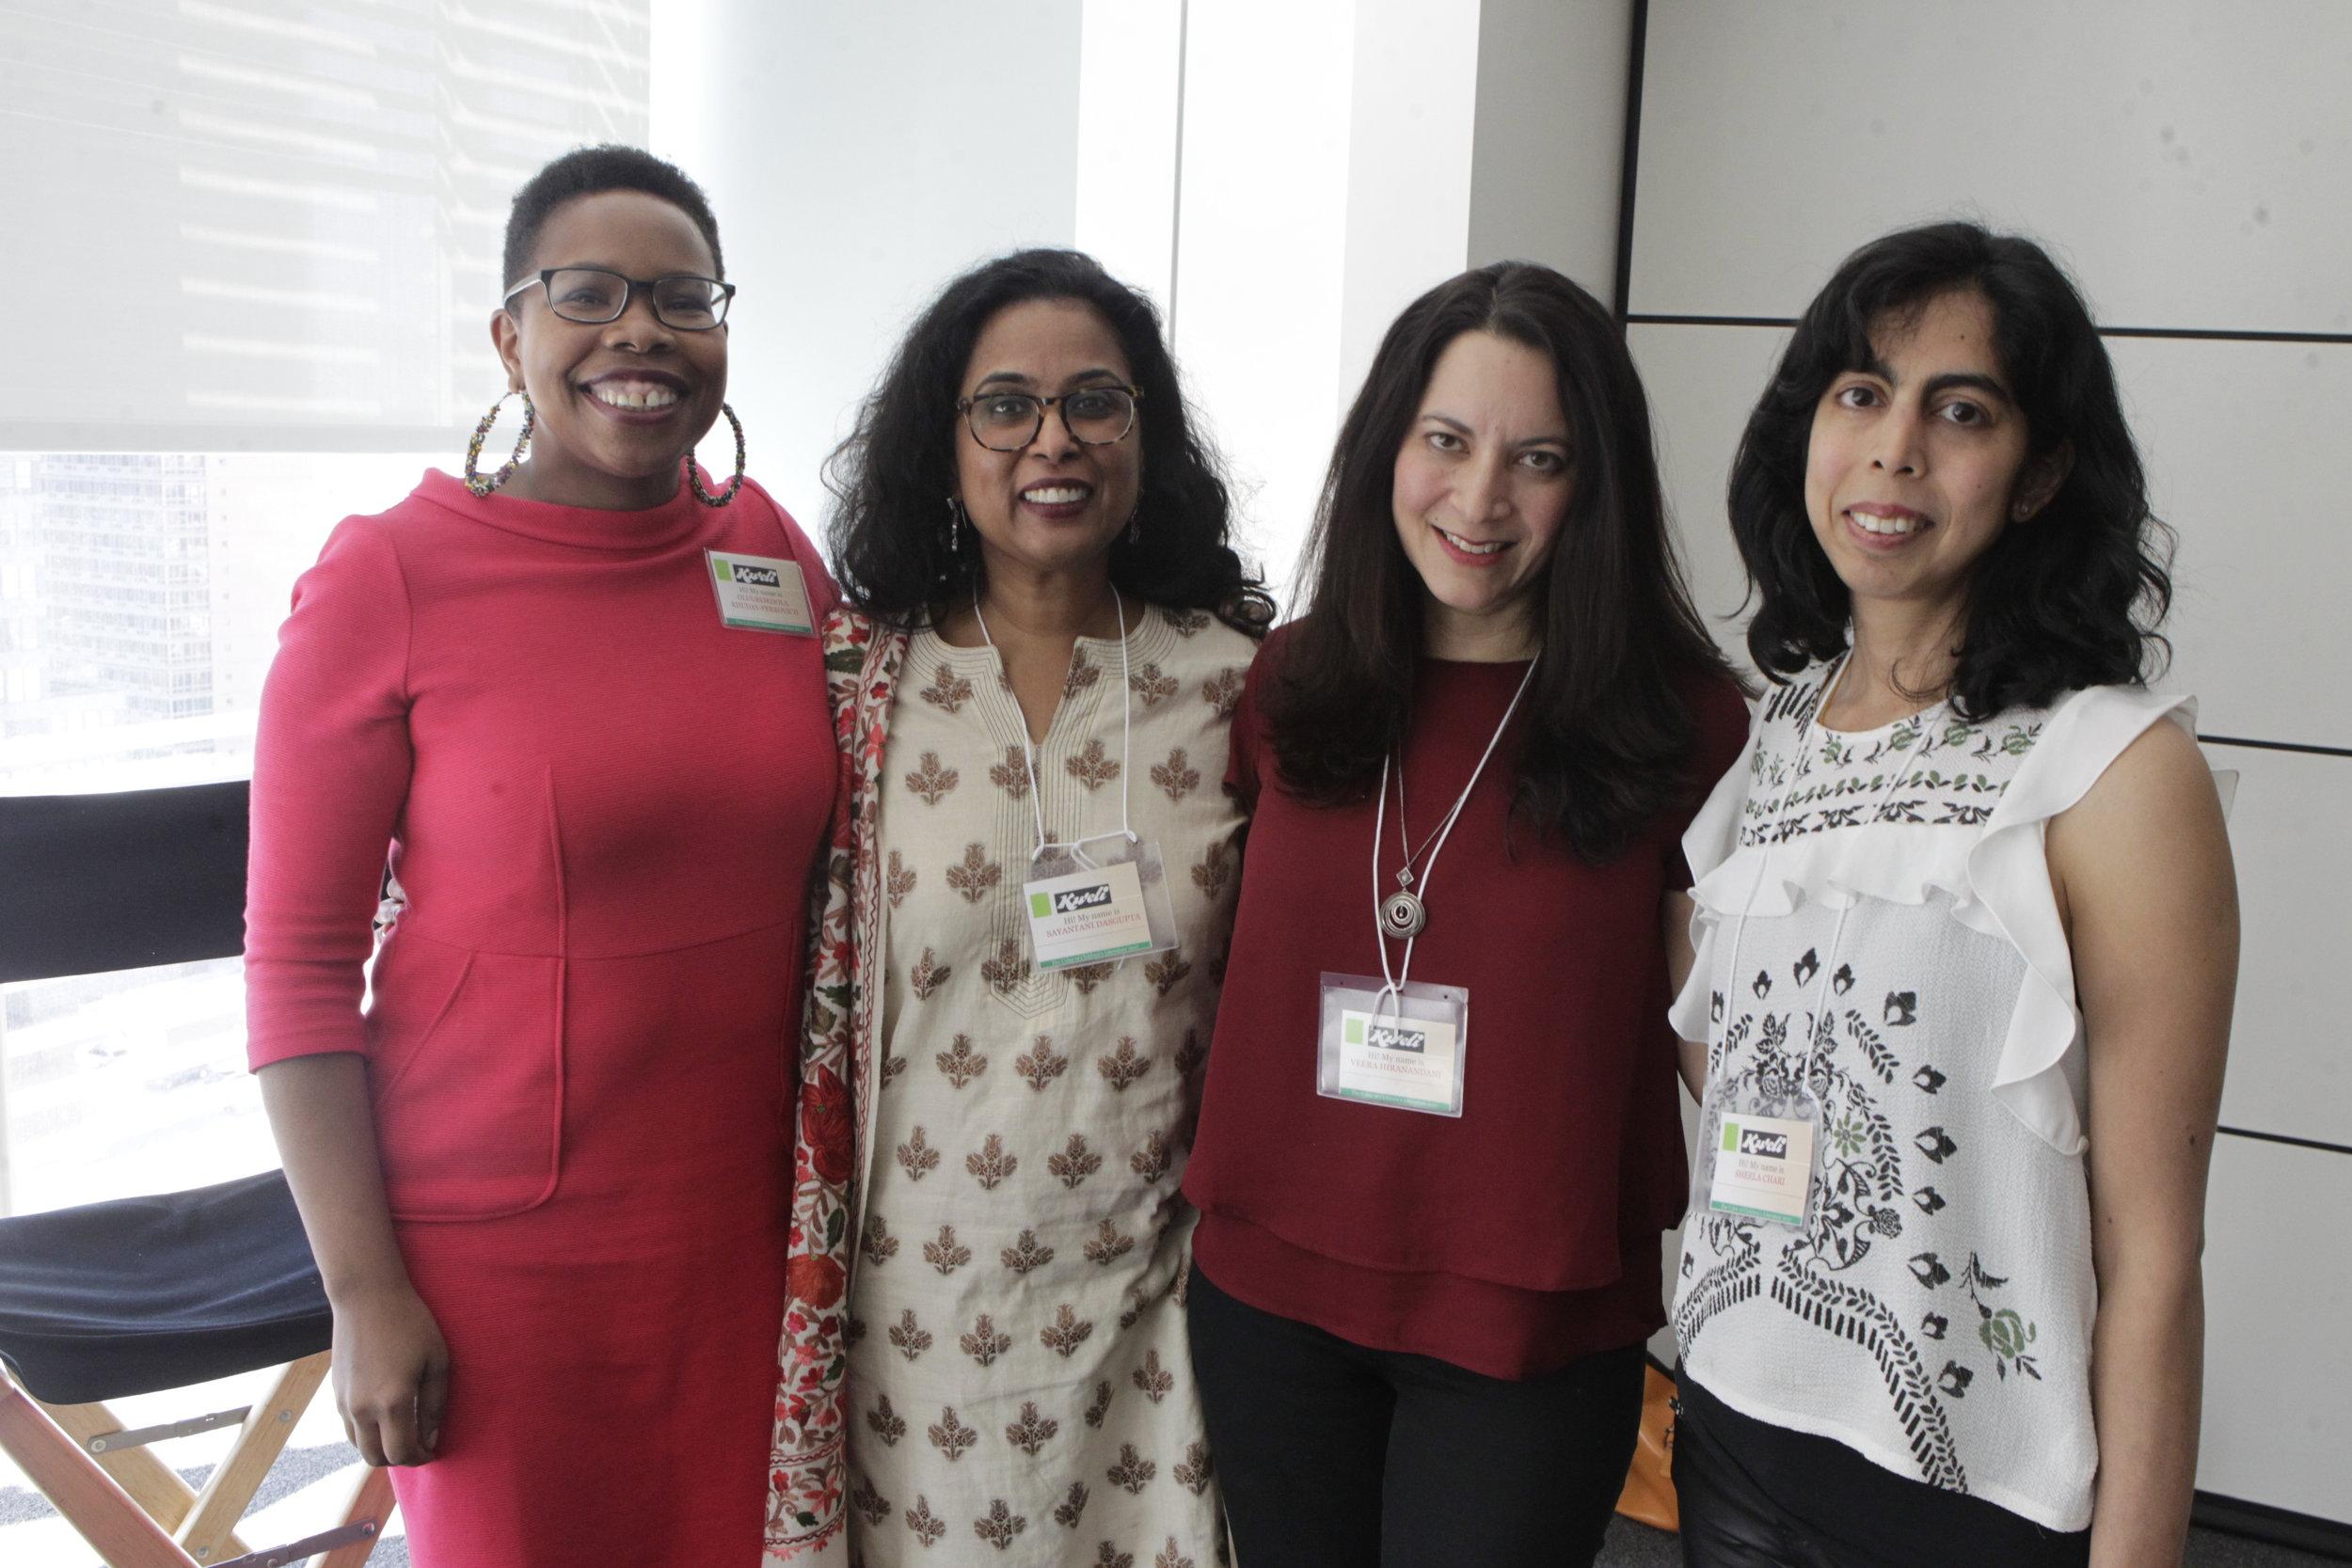 Authors Olugbemisola Rhuday Perkovich, Sayantani DasGupta, Veera Hiranandani and Sheela Chari